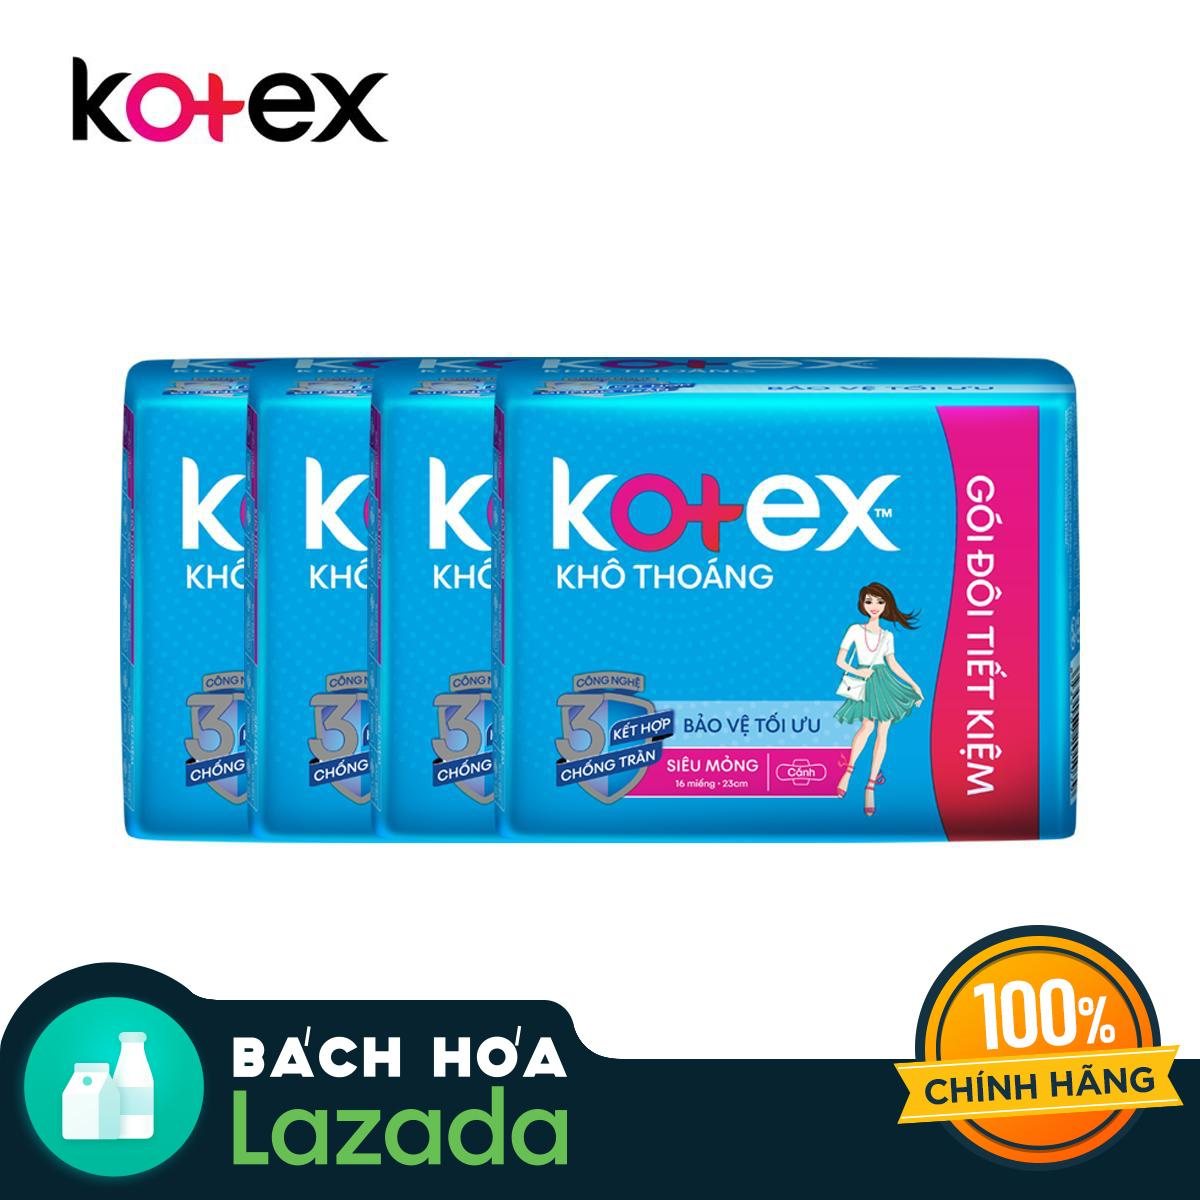 Bộ 4 gói BVS Kotex Khô thoáng SMC (gói 16 miếng)